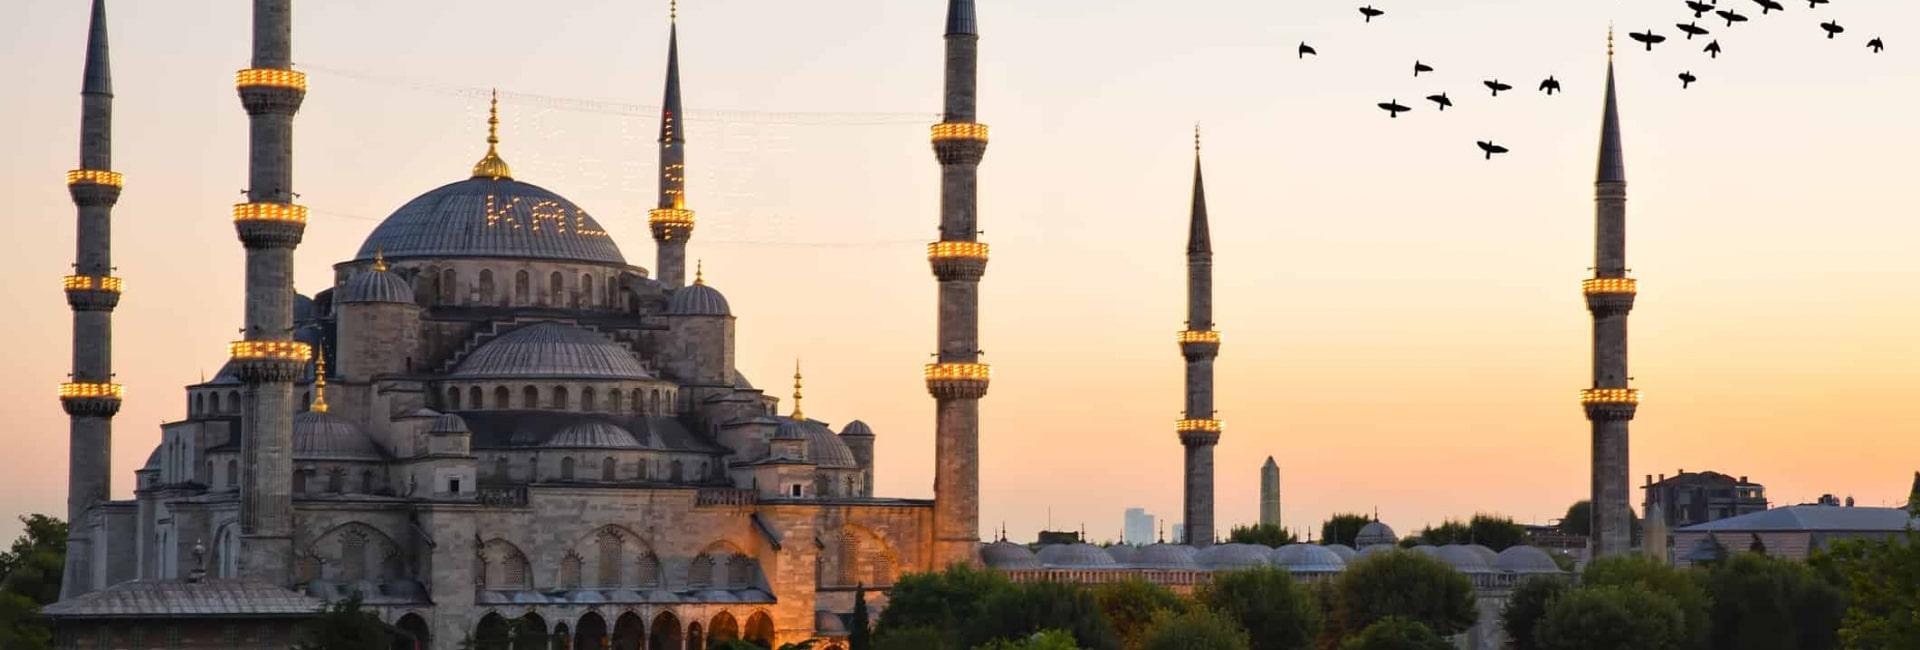 Tyrkiets kulturskatte